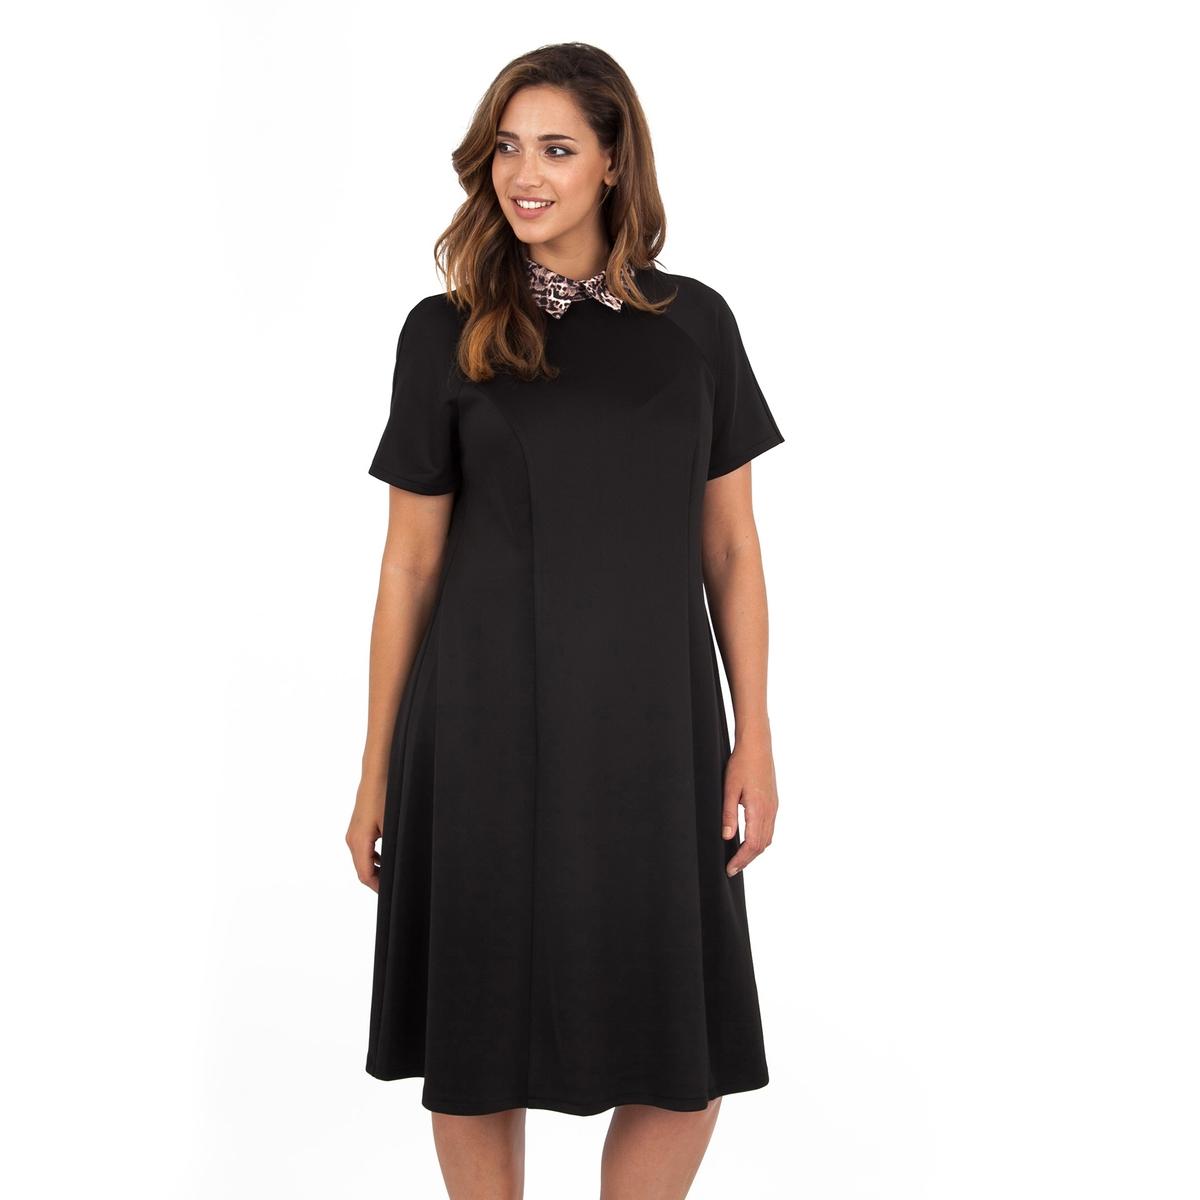 ПлатьеПлатье с короткими рукавами - KOKO BY KOKO. Воротник с узором. Длина ок.104 см. 100% полиэстера.<br><br>Цвет: черный